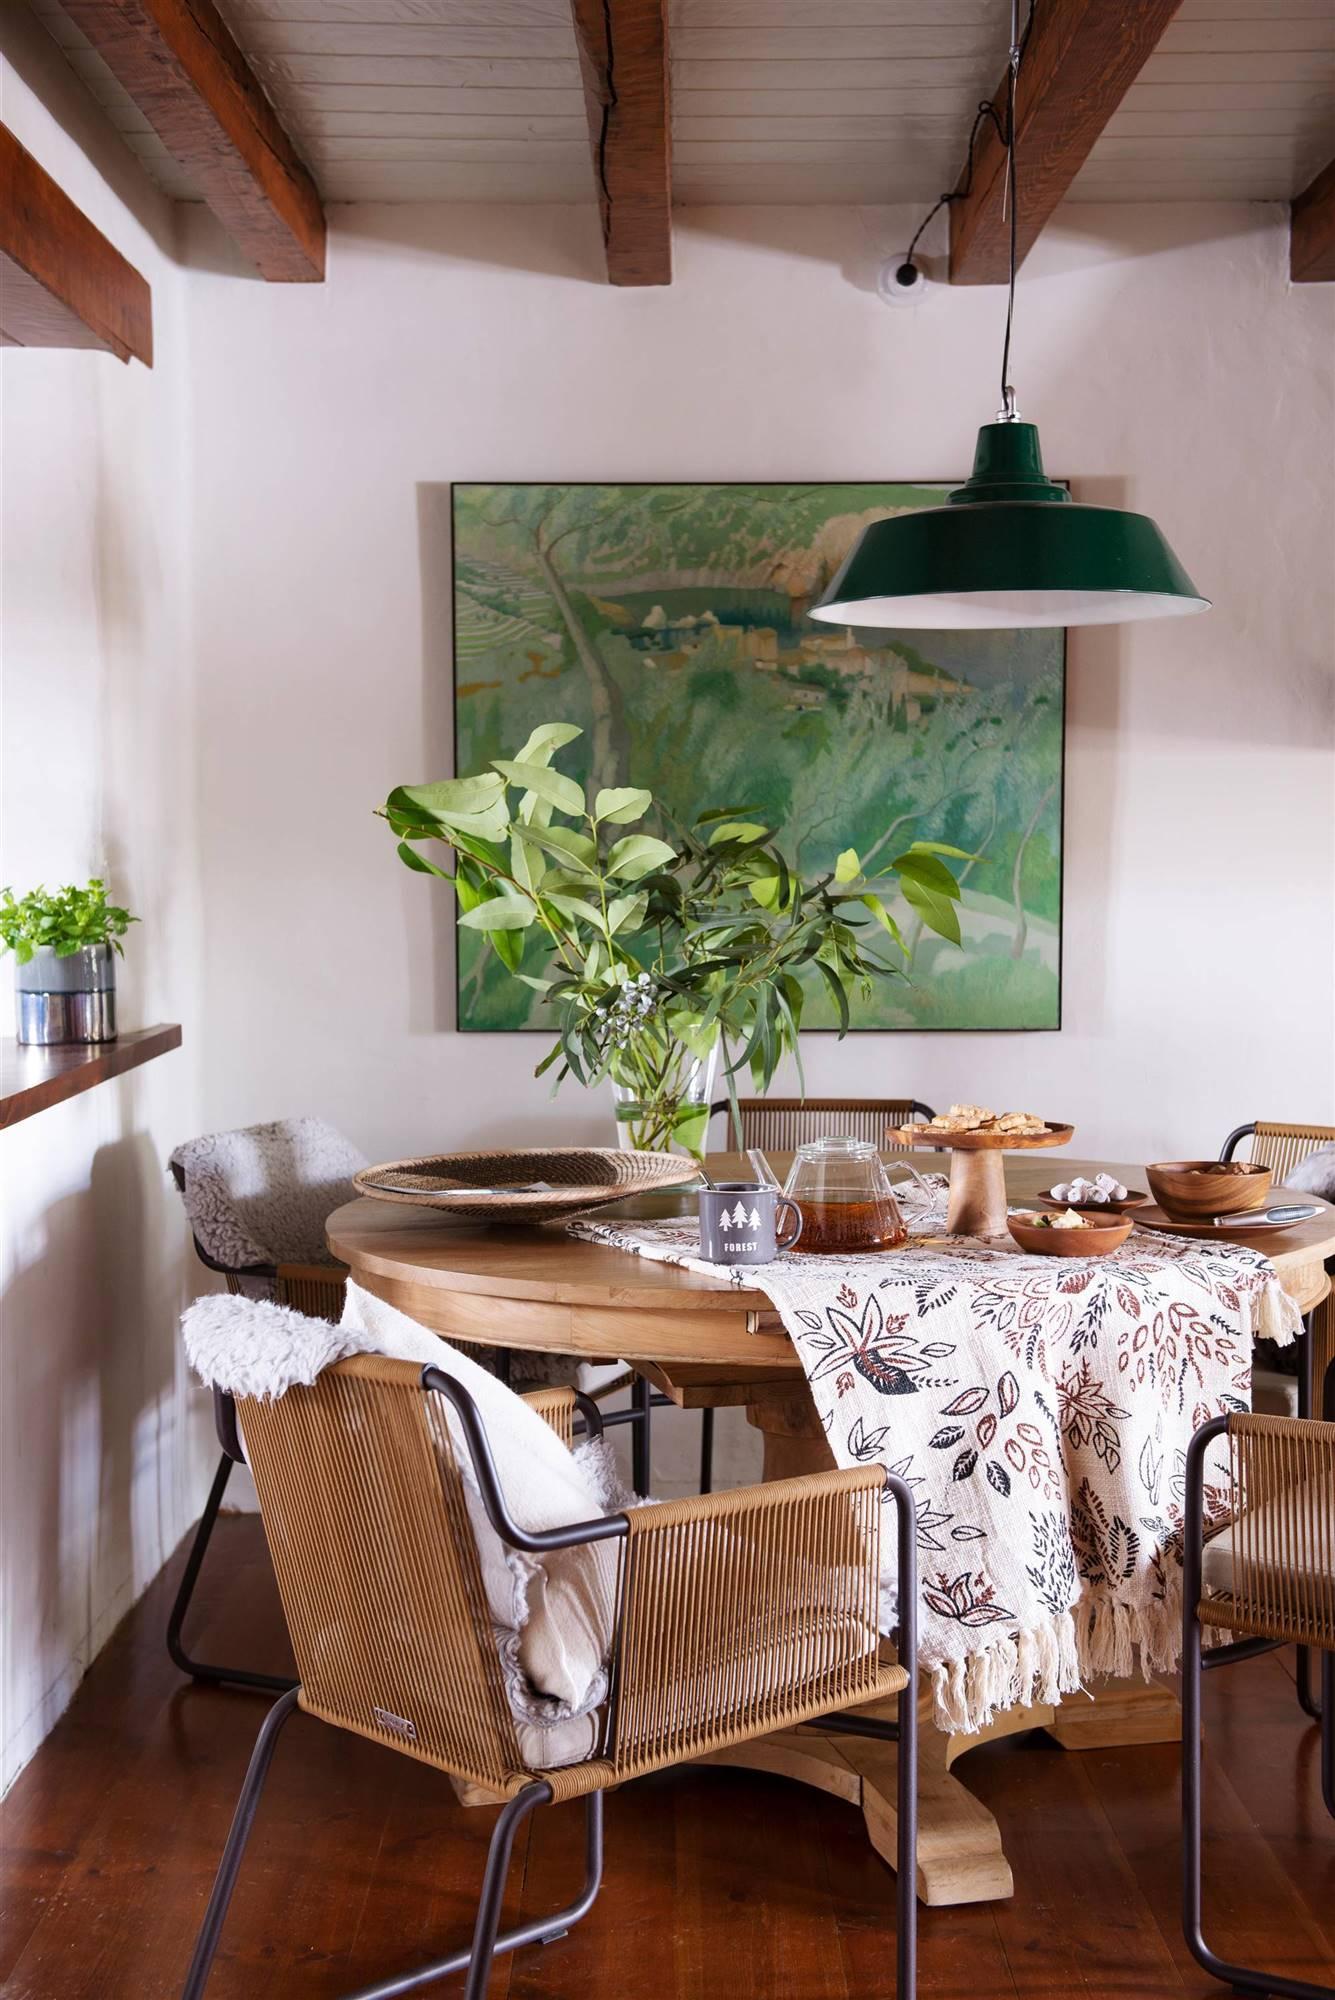 Te aburre tu casa? 18 formas de actualizar su decoración